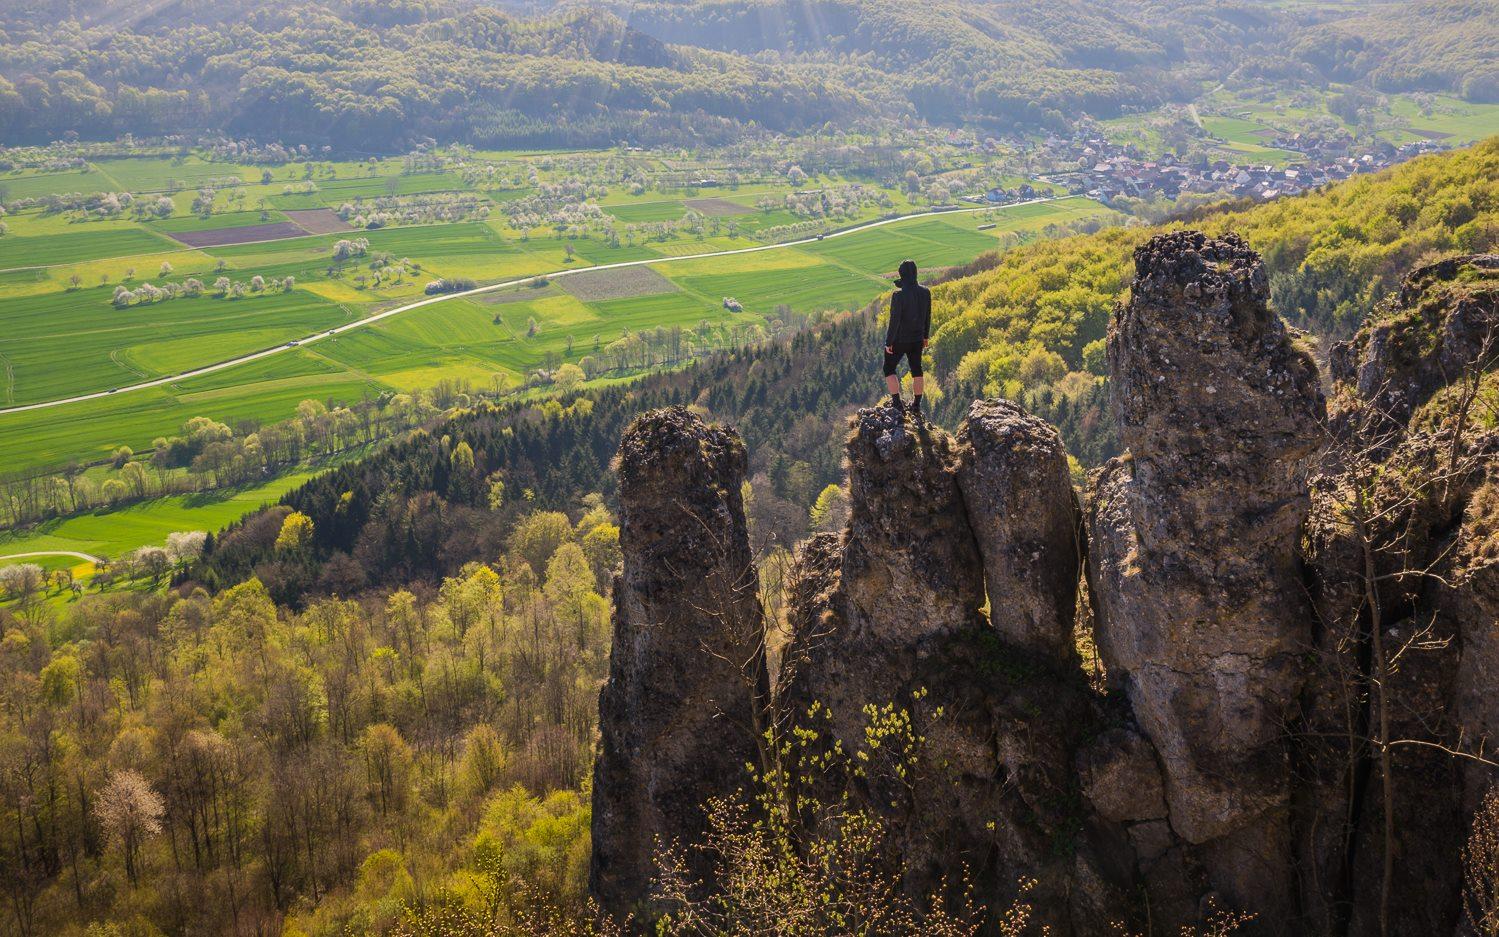 Klettersteigset Schweiz : Foto der woche u2013 fränkische schweiz von stefan prech photography